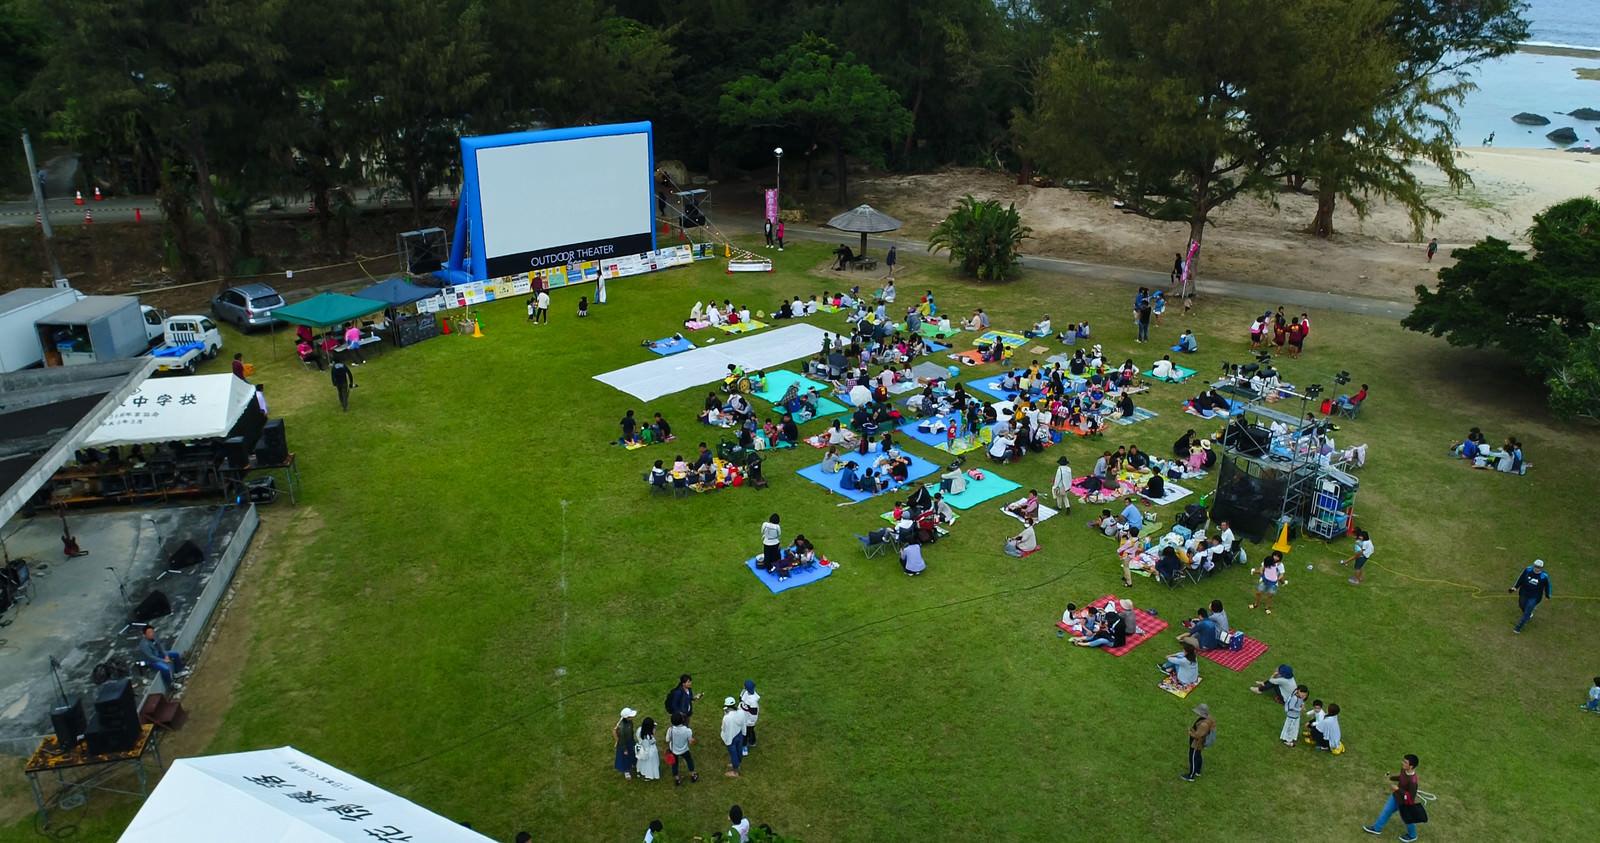 「野外映画のイベントでレジャーシートを敷いて放映を待つ人々」の写真